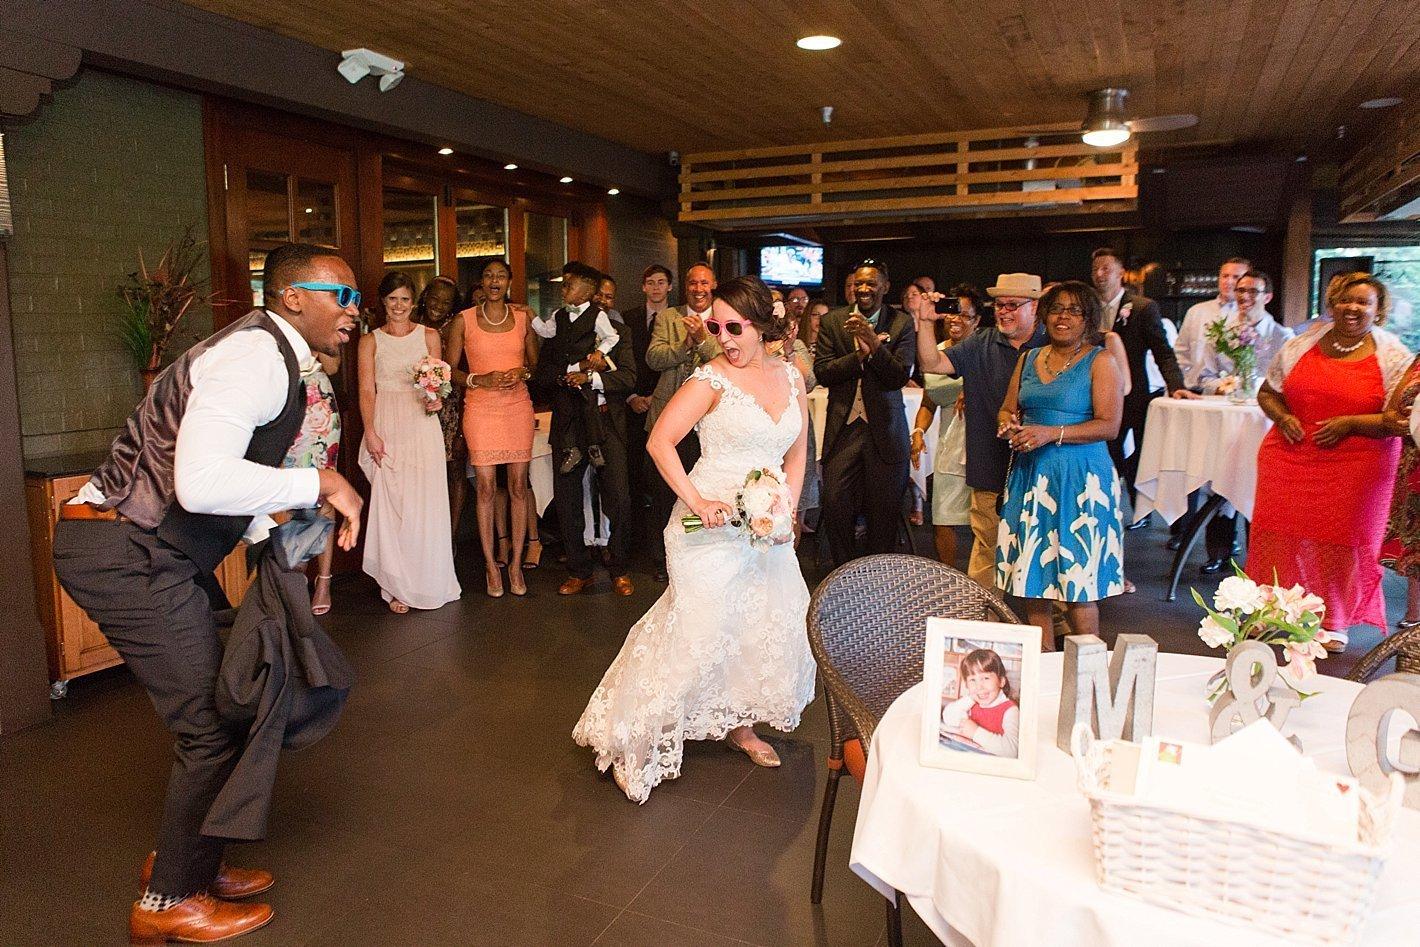 historichebronhousewedding_baltimoreweddingphotographer_howardcountyweddingphotographer-178